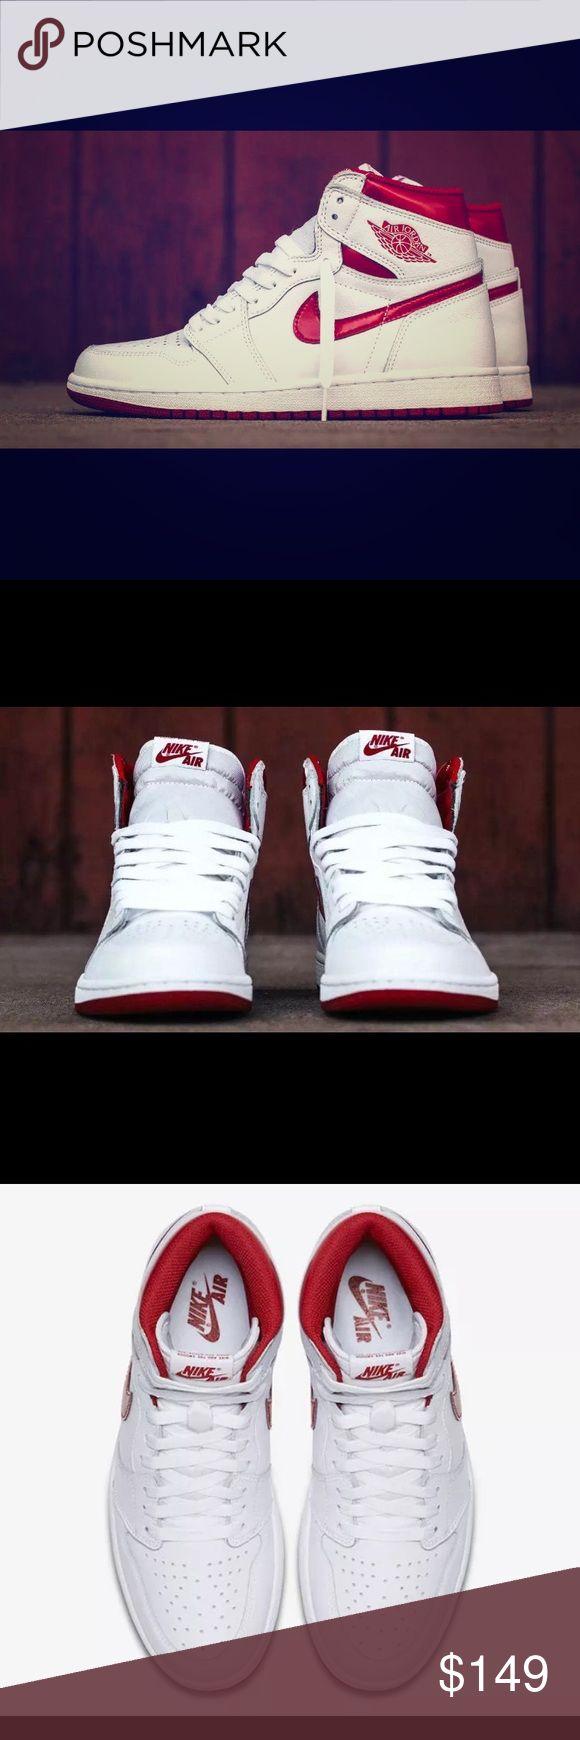 Nike Air Jordan Retro 1 HIGH OG Size 8 Nike Air Jordan 1 High OG QS